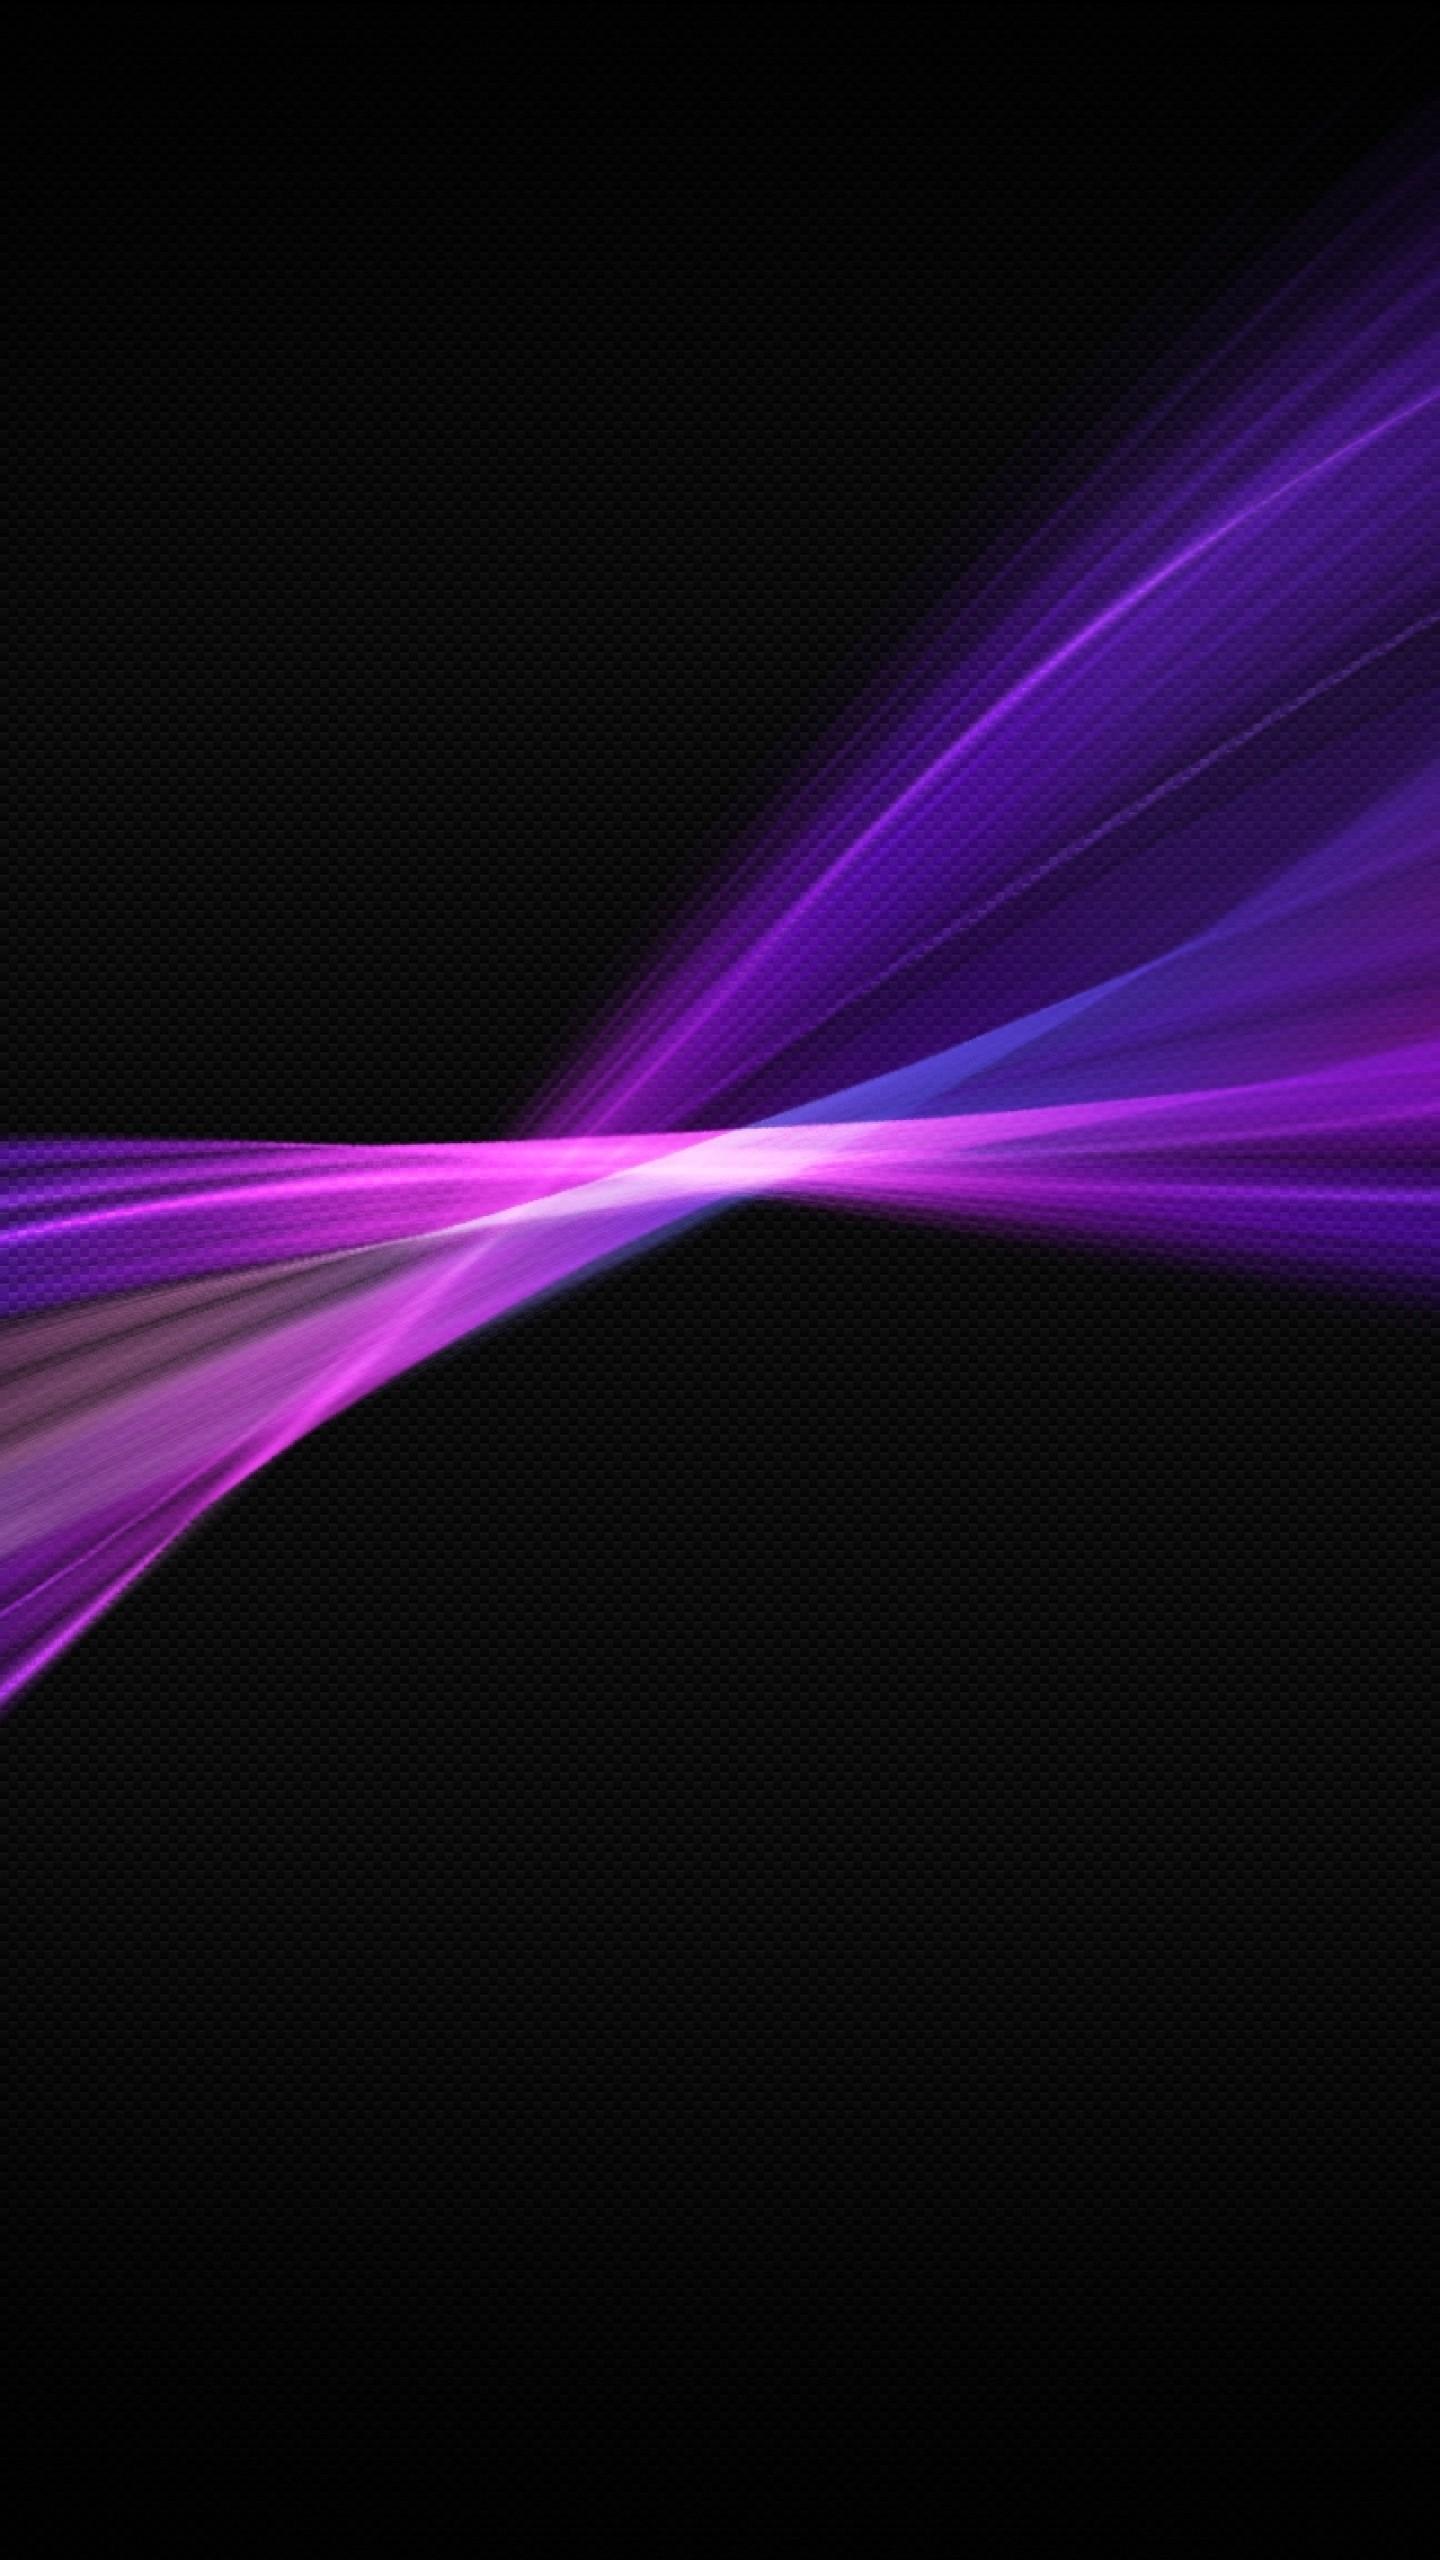 Wallpaper black, background, line, violet, color, graphics